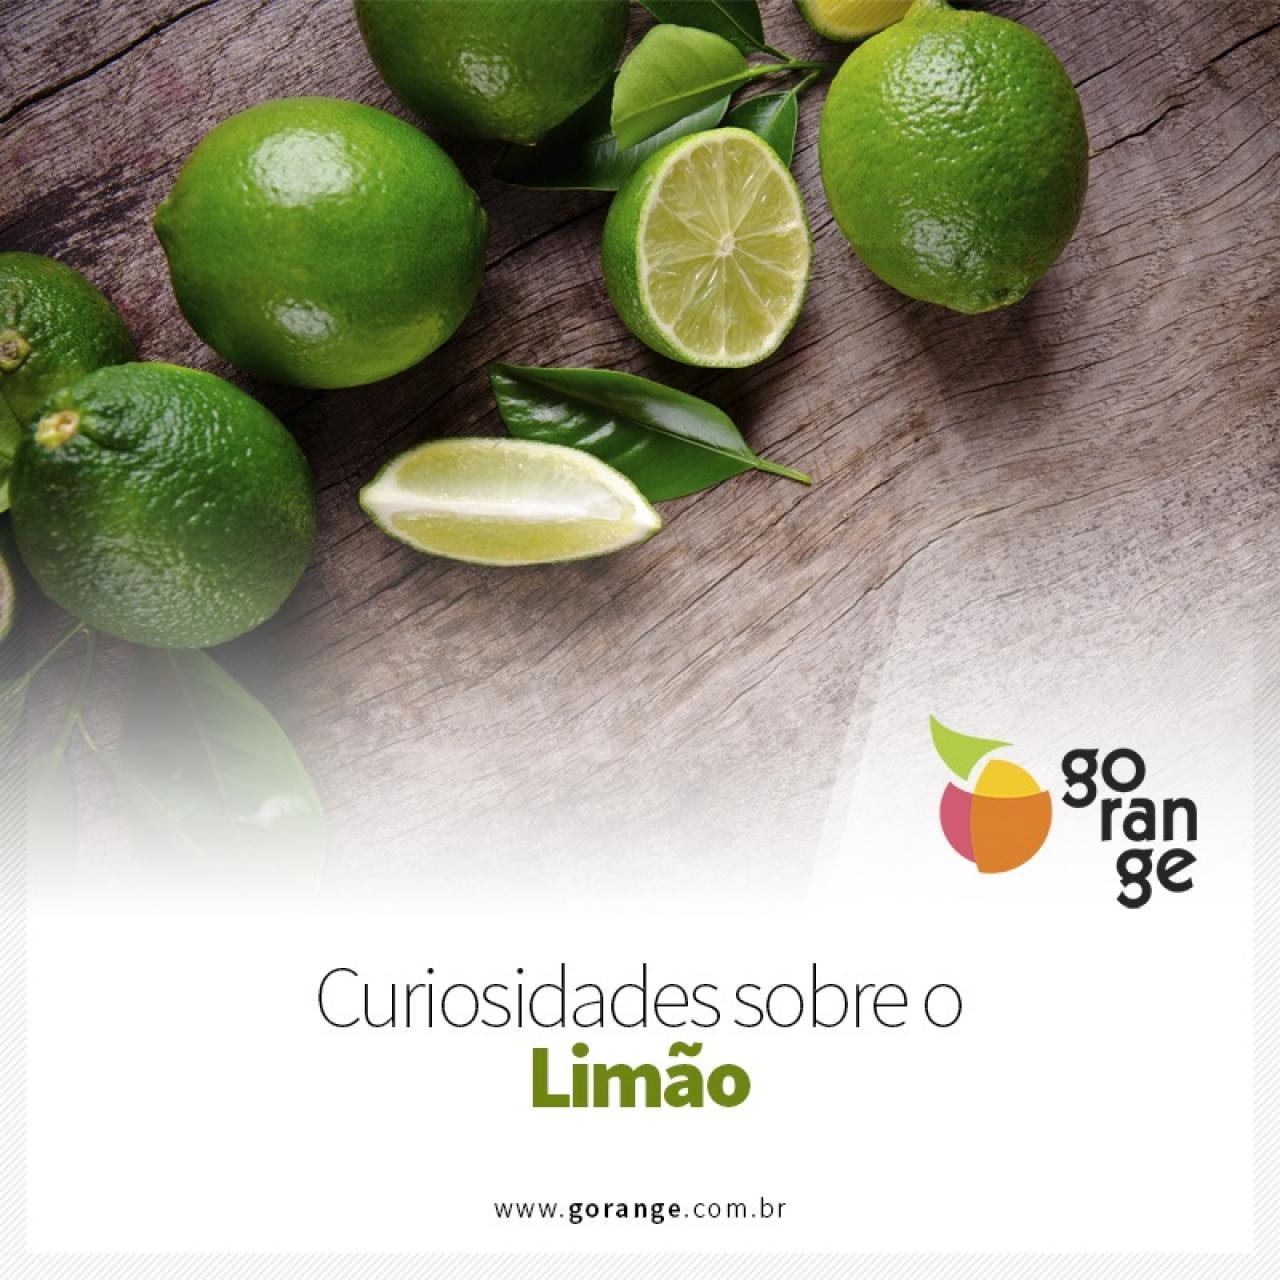 Curiosidades sobre o Limão